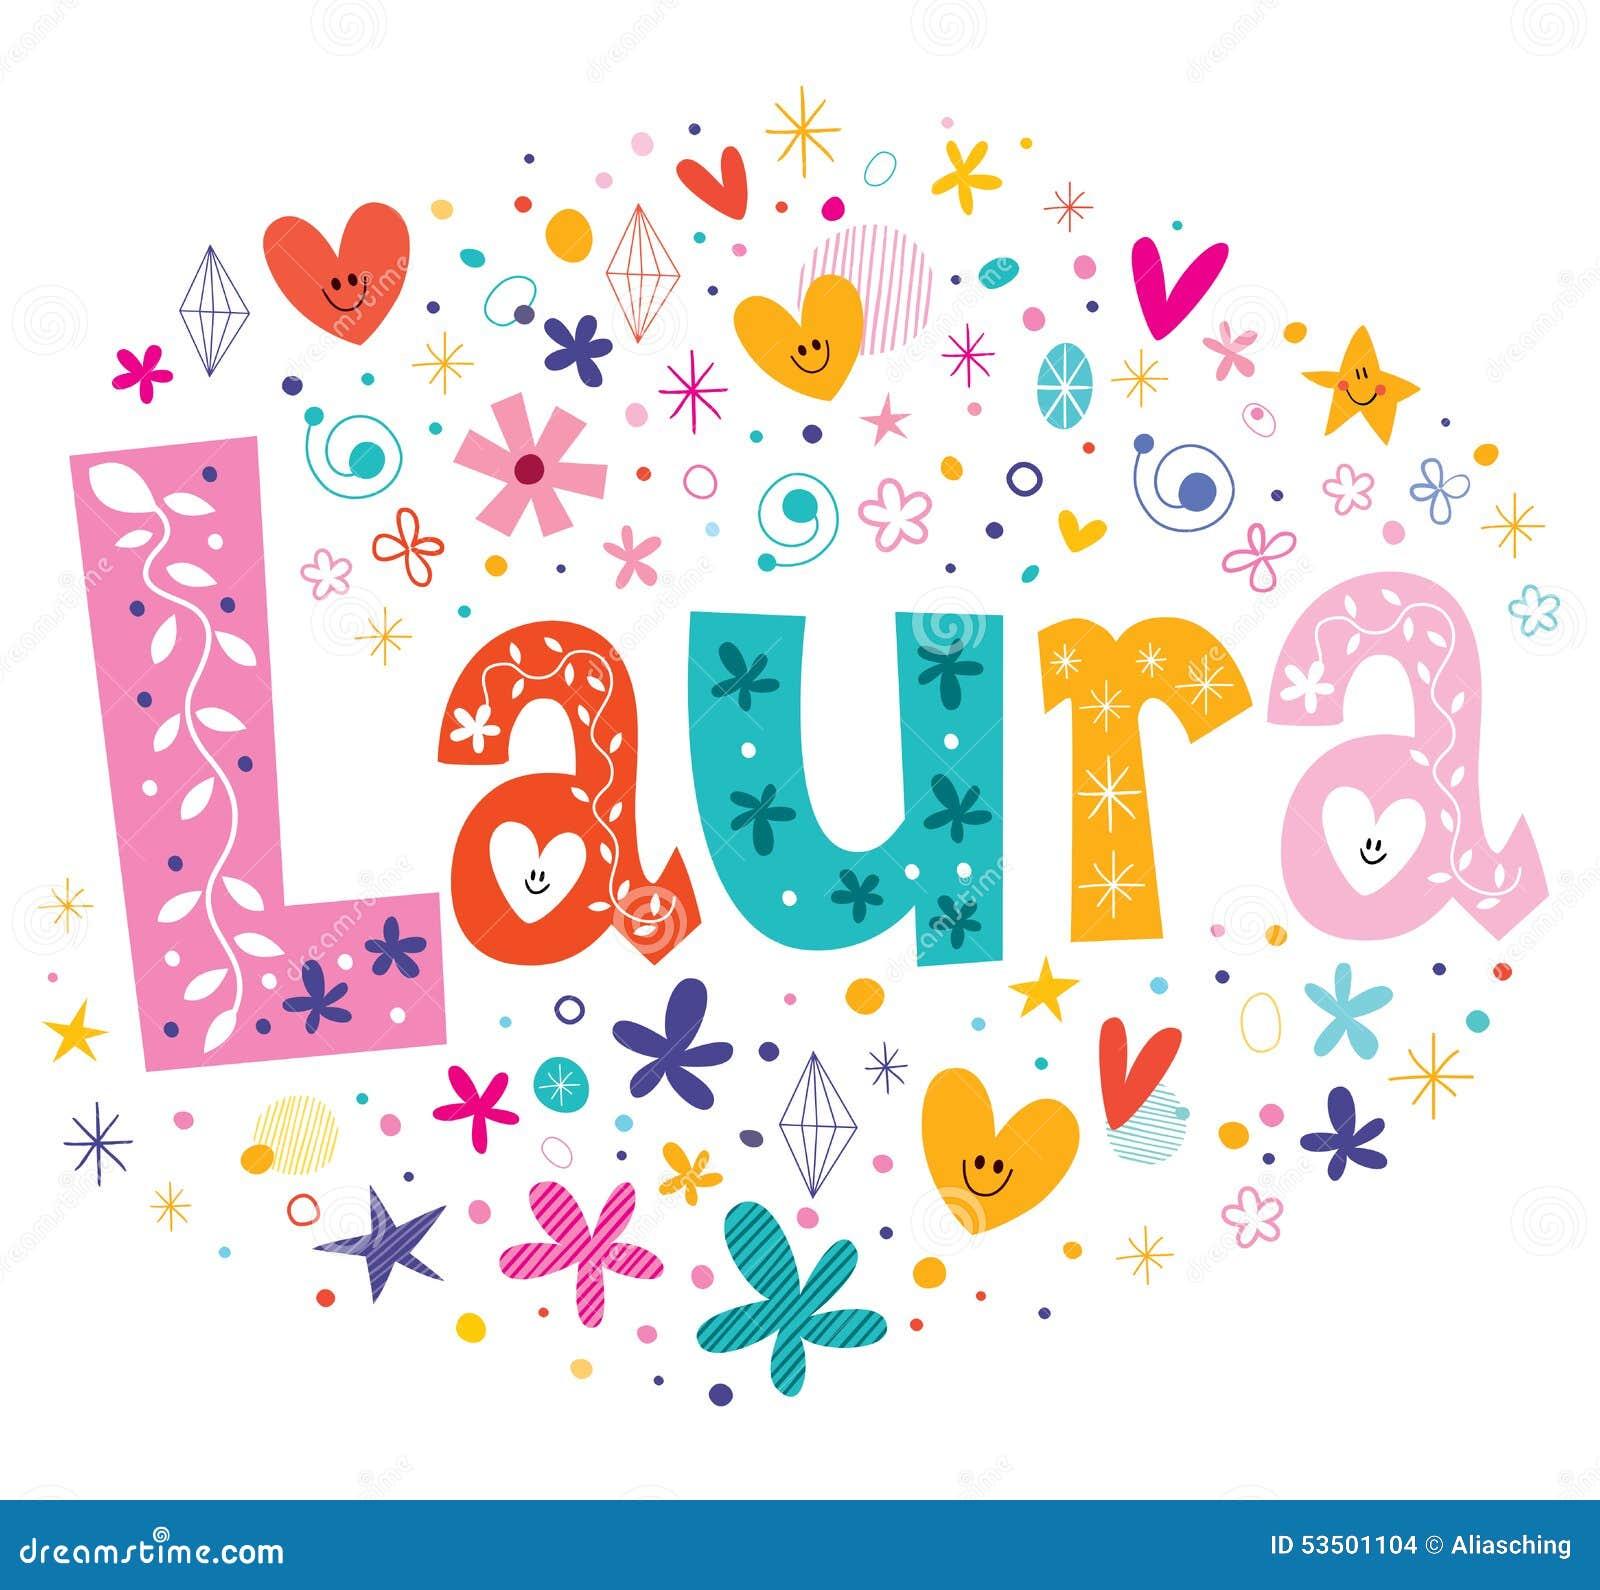 Laura dziewczyn imię